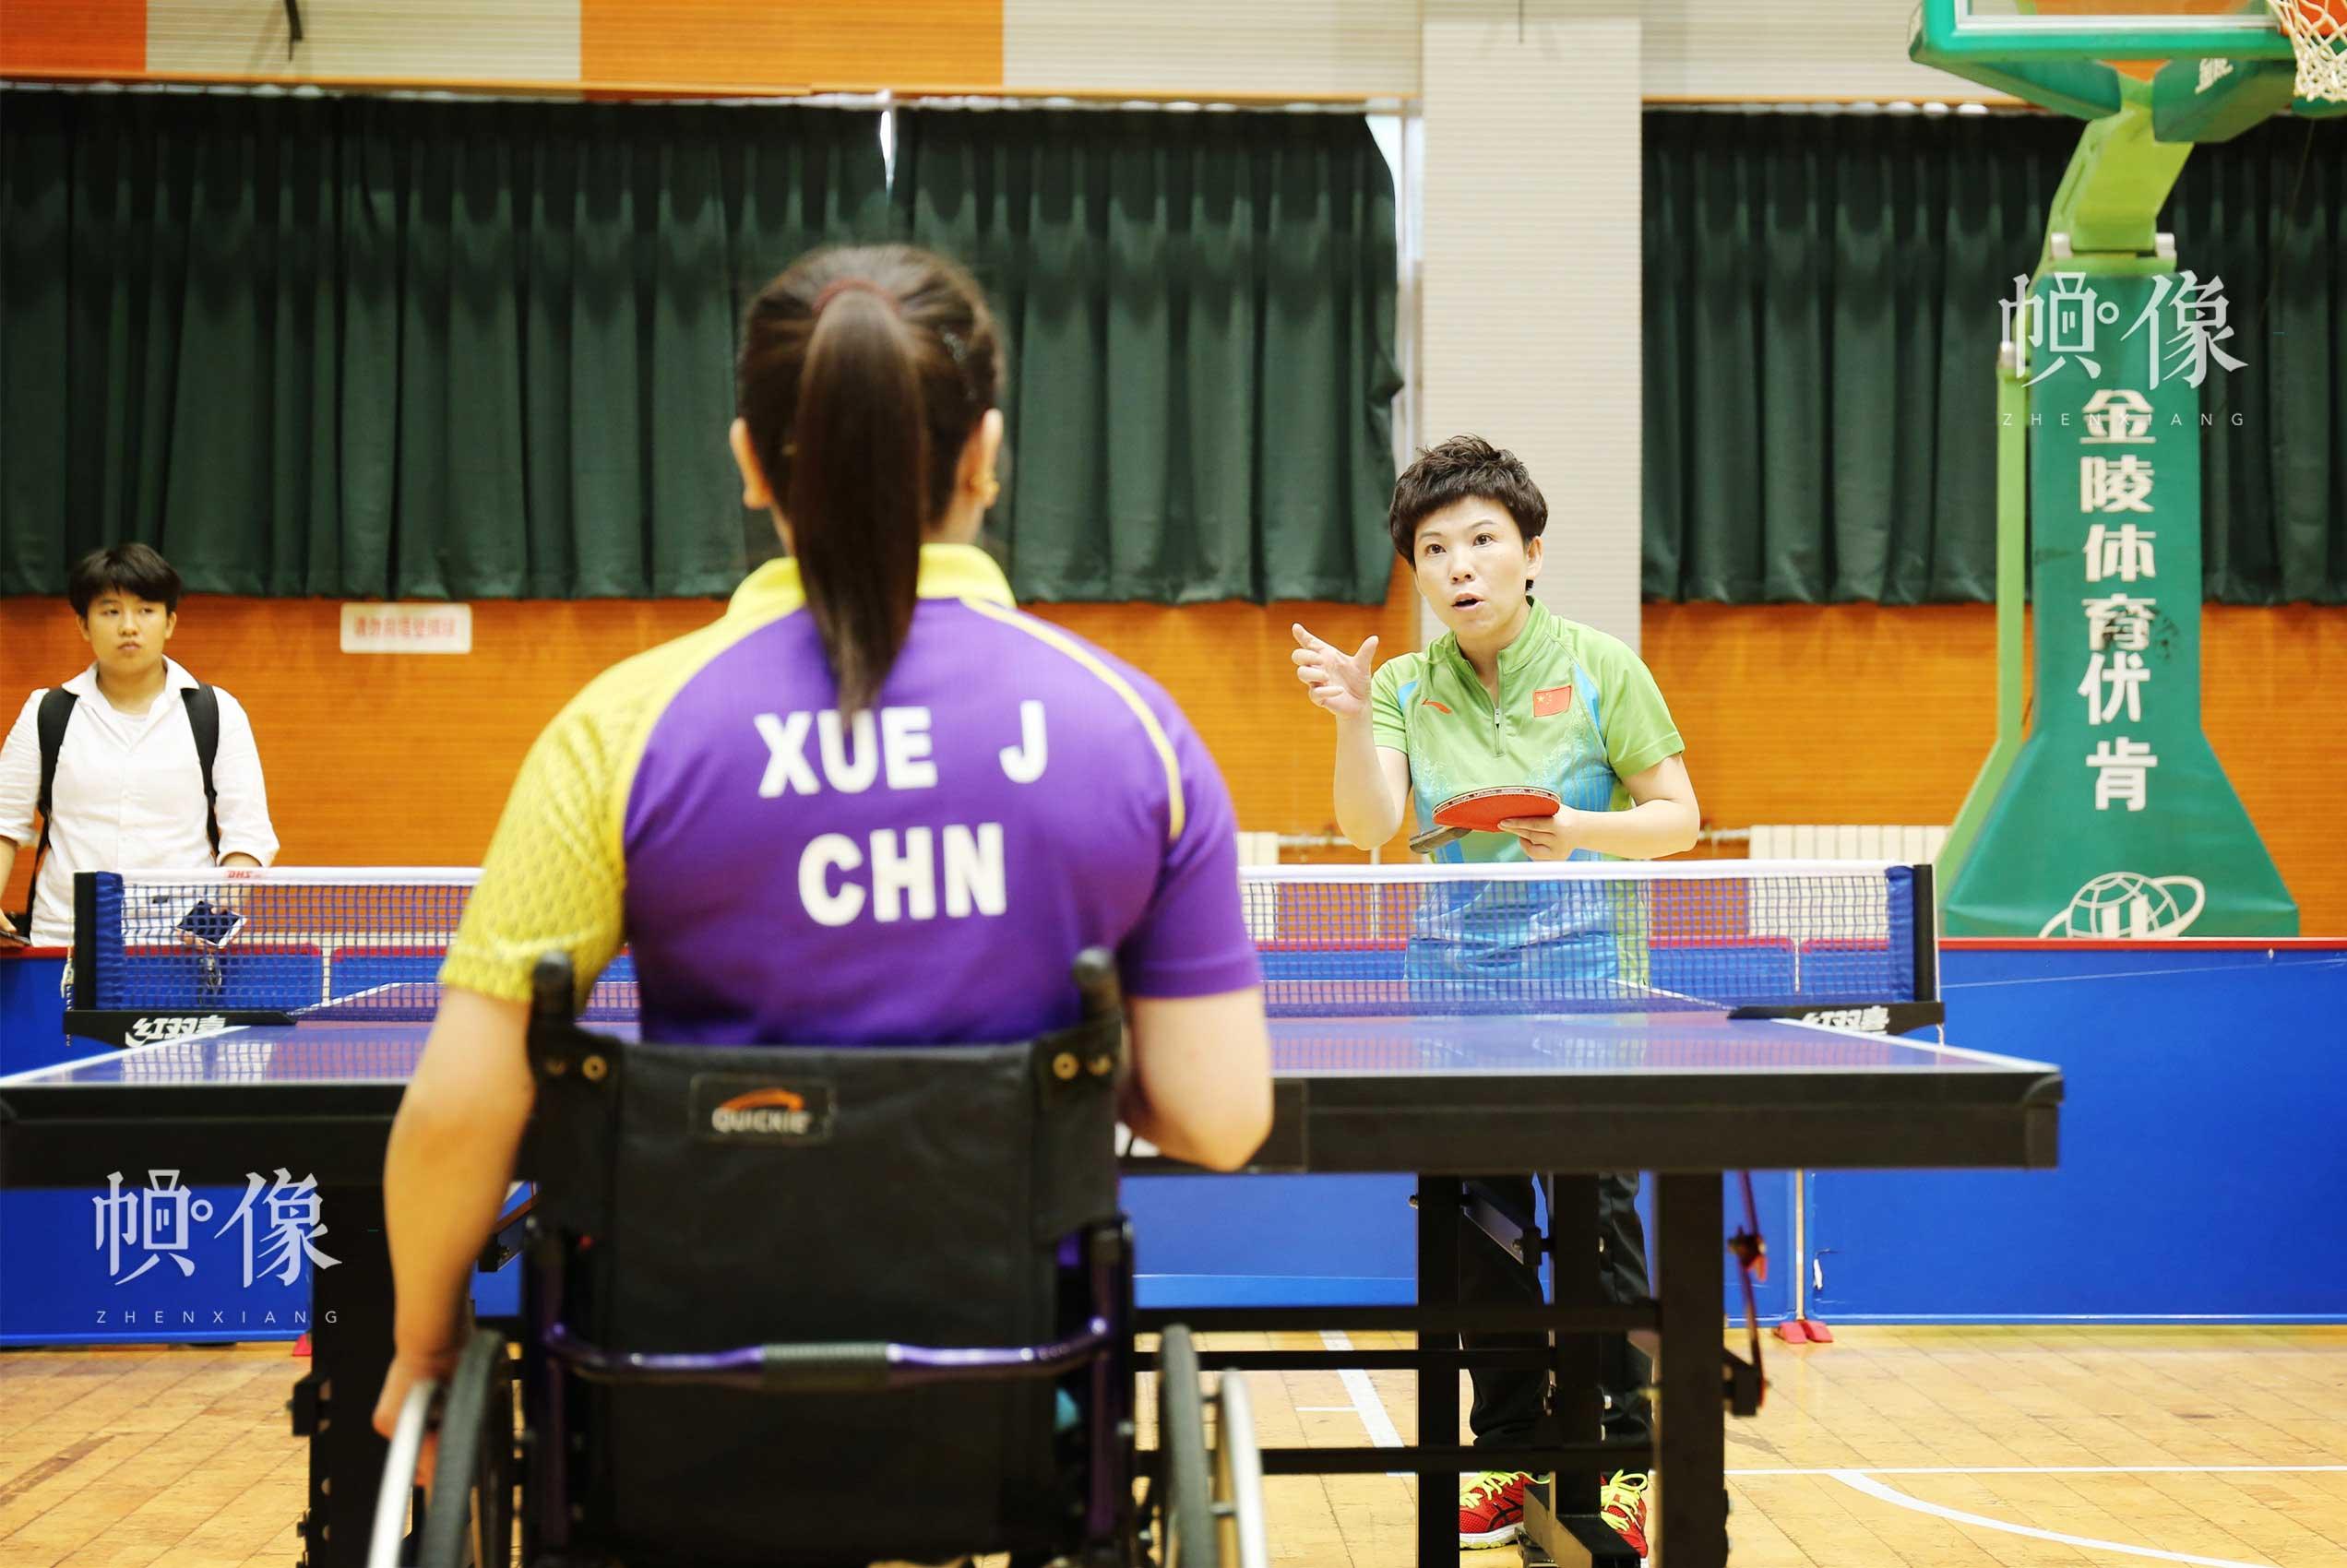 2017年8月10日,第七届残疾人健身周推广日活动在京举行。图为邓亚萍在活动现场指导残疾人女乒选手薛娟打球。中国网记者 王梦泽 摄